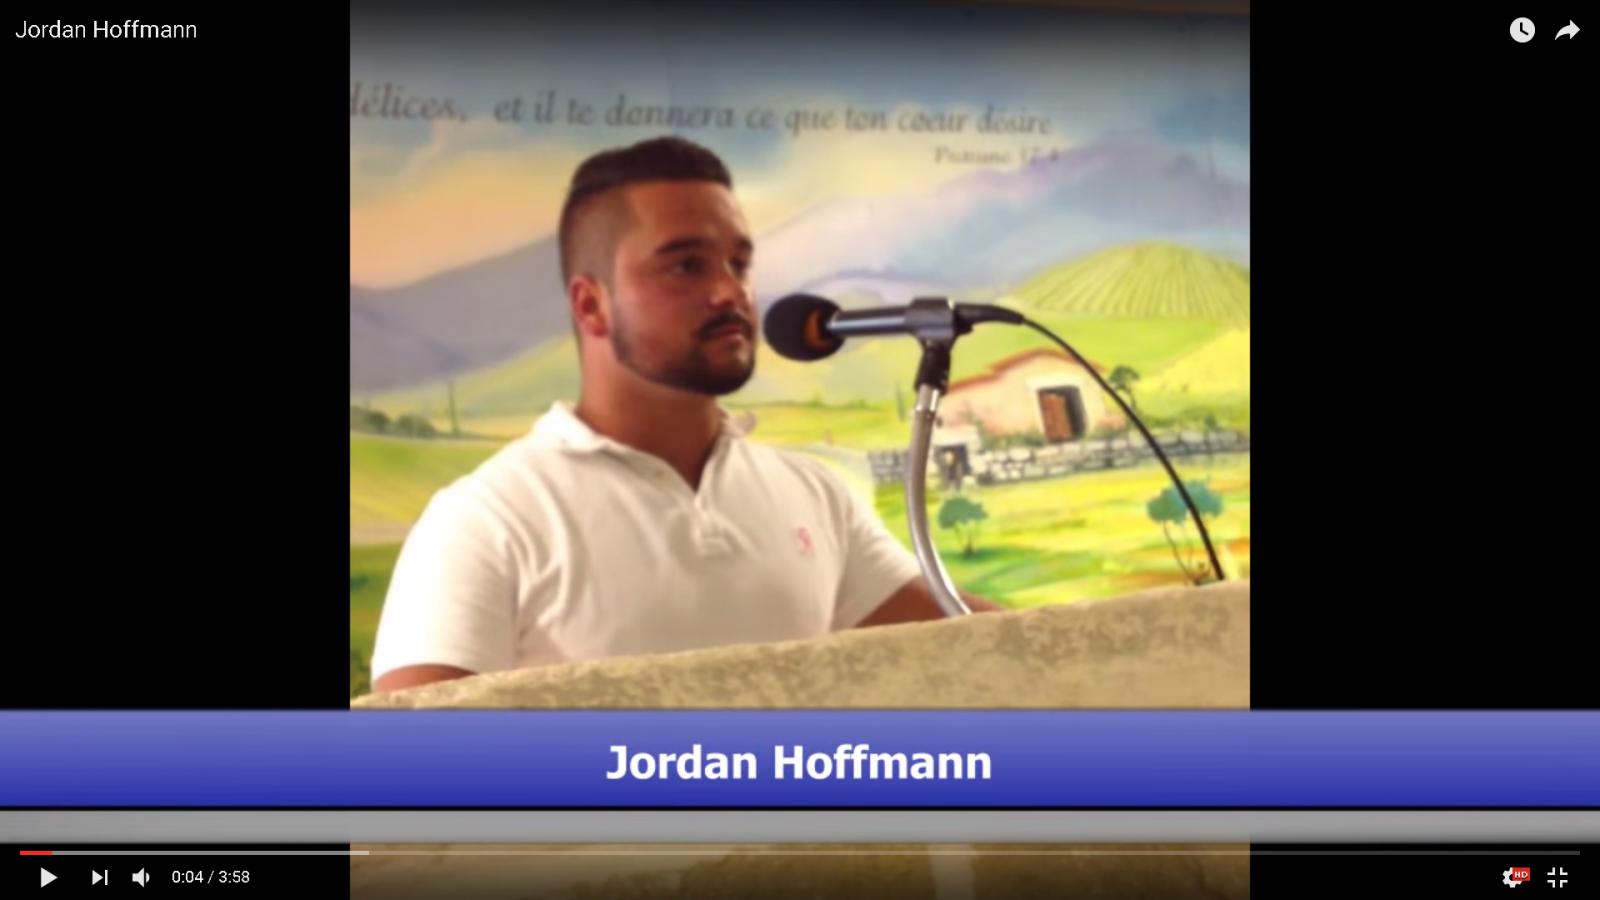 Jordan Hoffmann